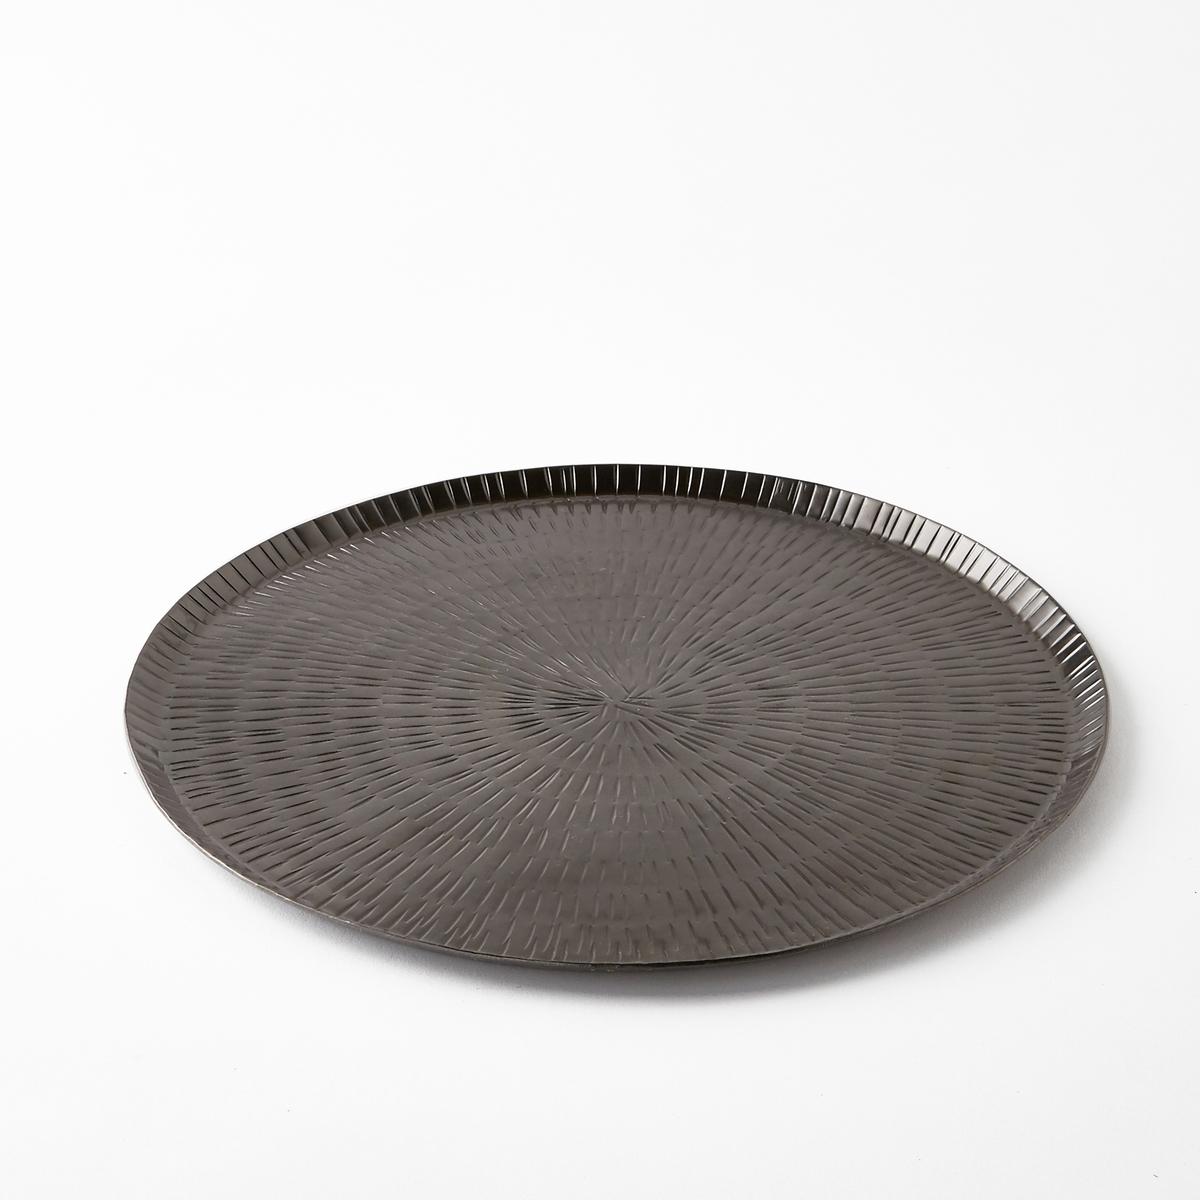 Поднос металлический кованый Sahani, диаметр 45 см ferm living поднос